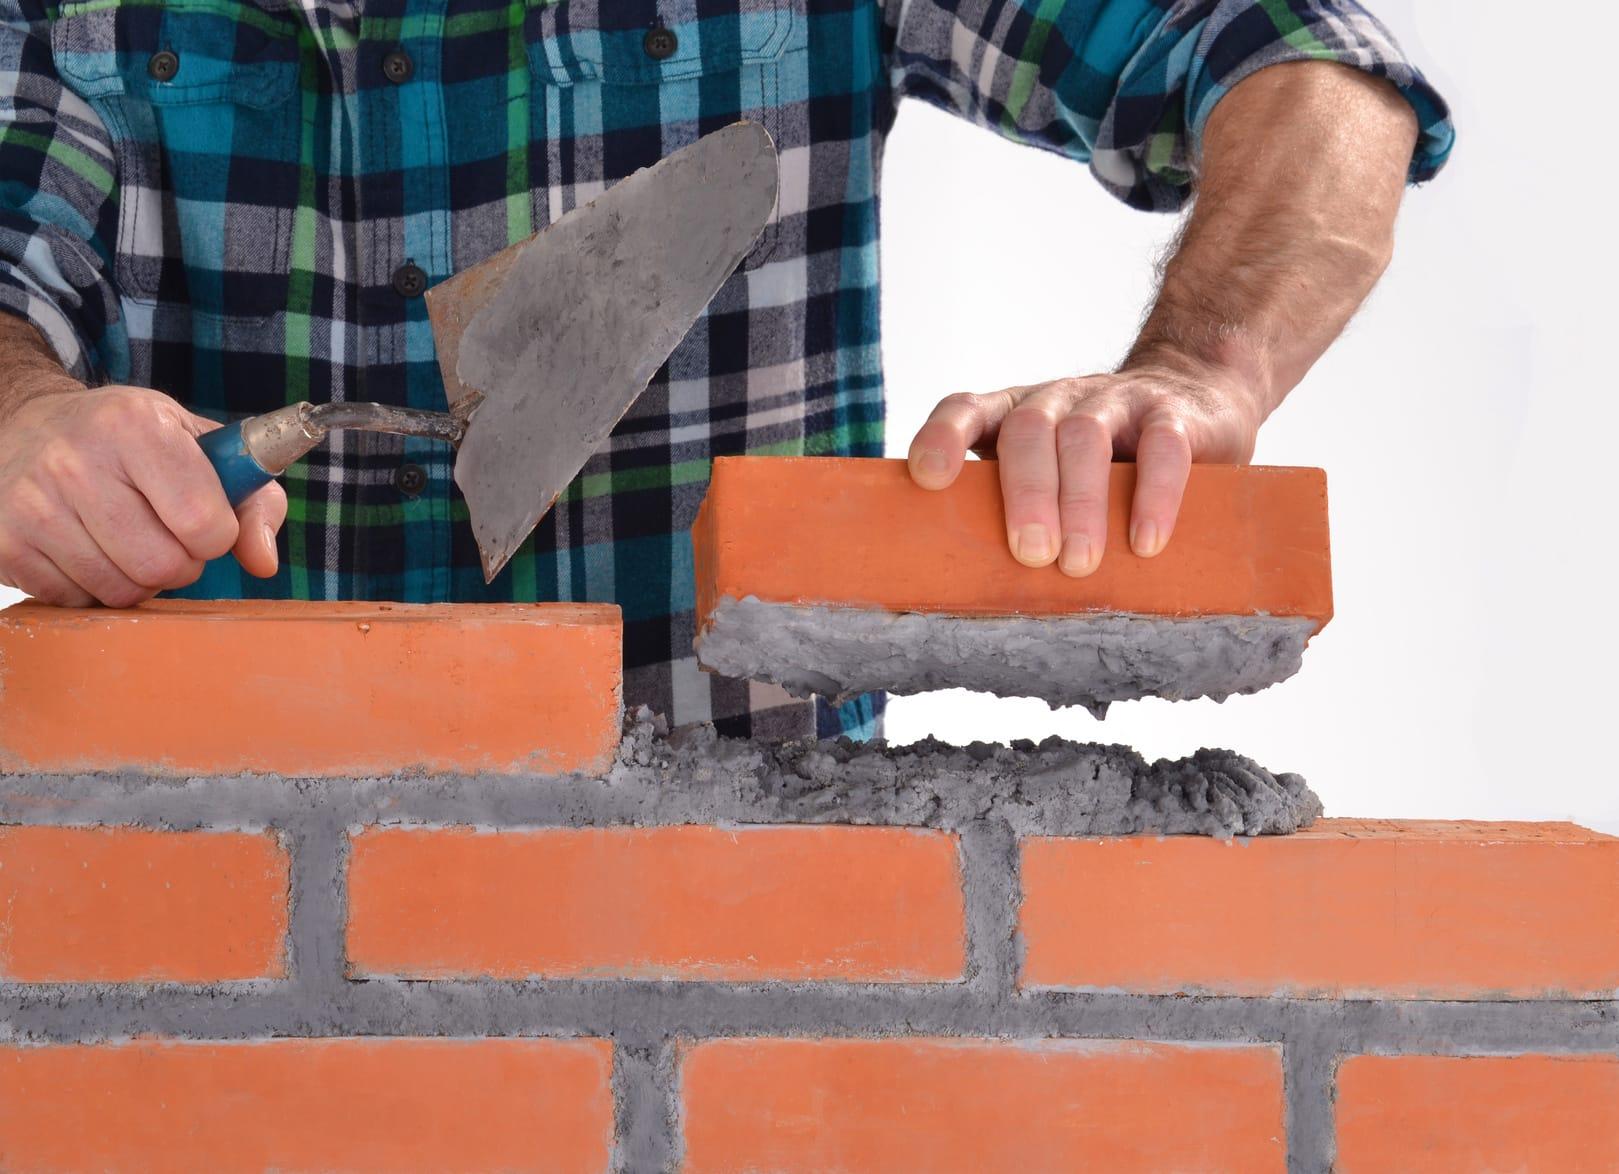 Monter un mur en brique facilement for Fenetre qui rentre dans le mur